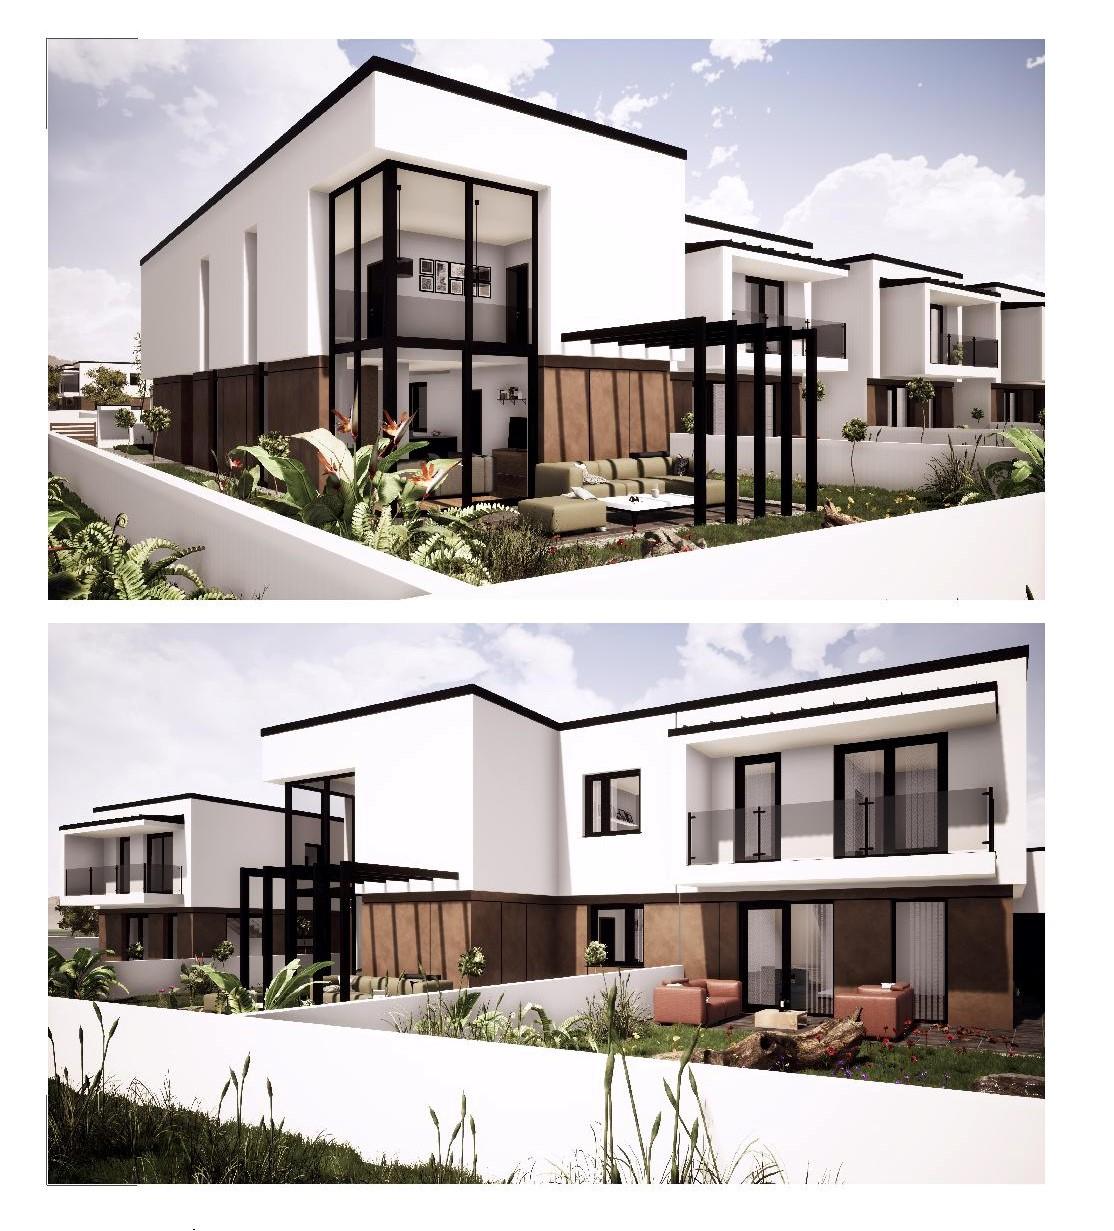 Eladó sorházak az Új Liget Lakóparkban #1